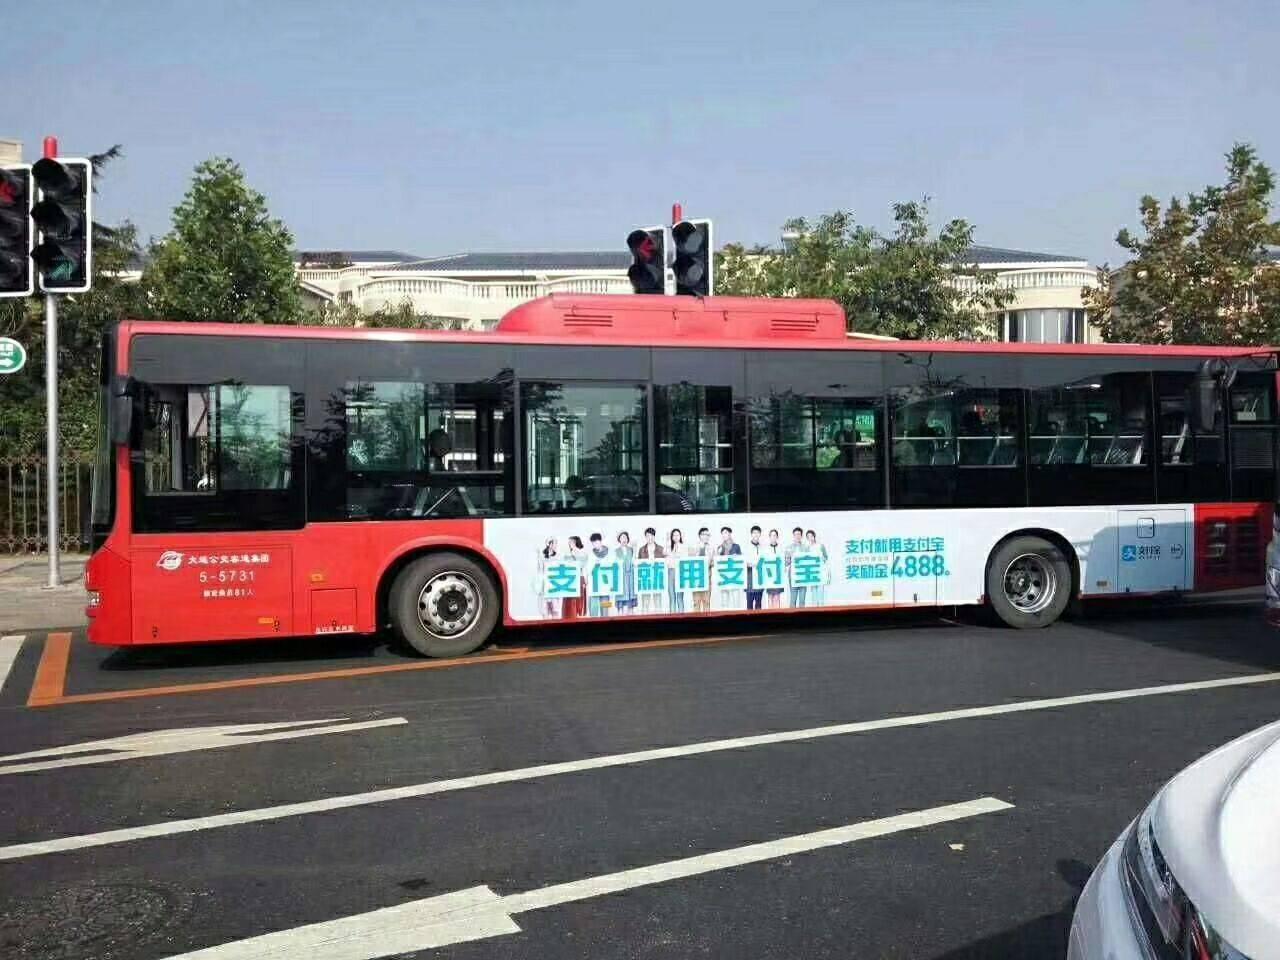 大连公交车体广告 542路/543路/551路【一年】